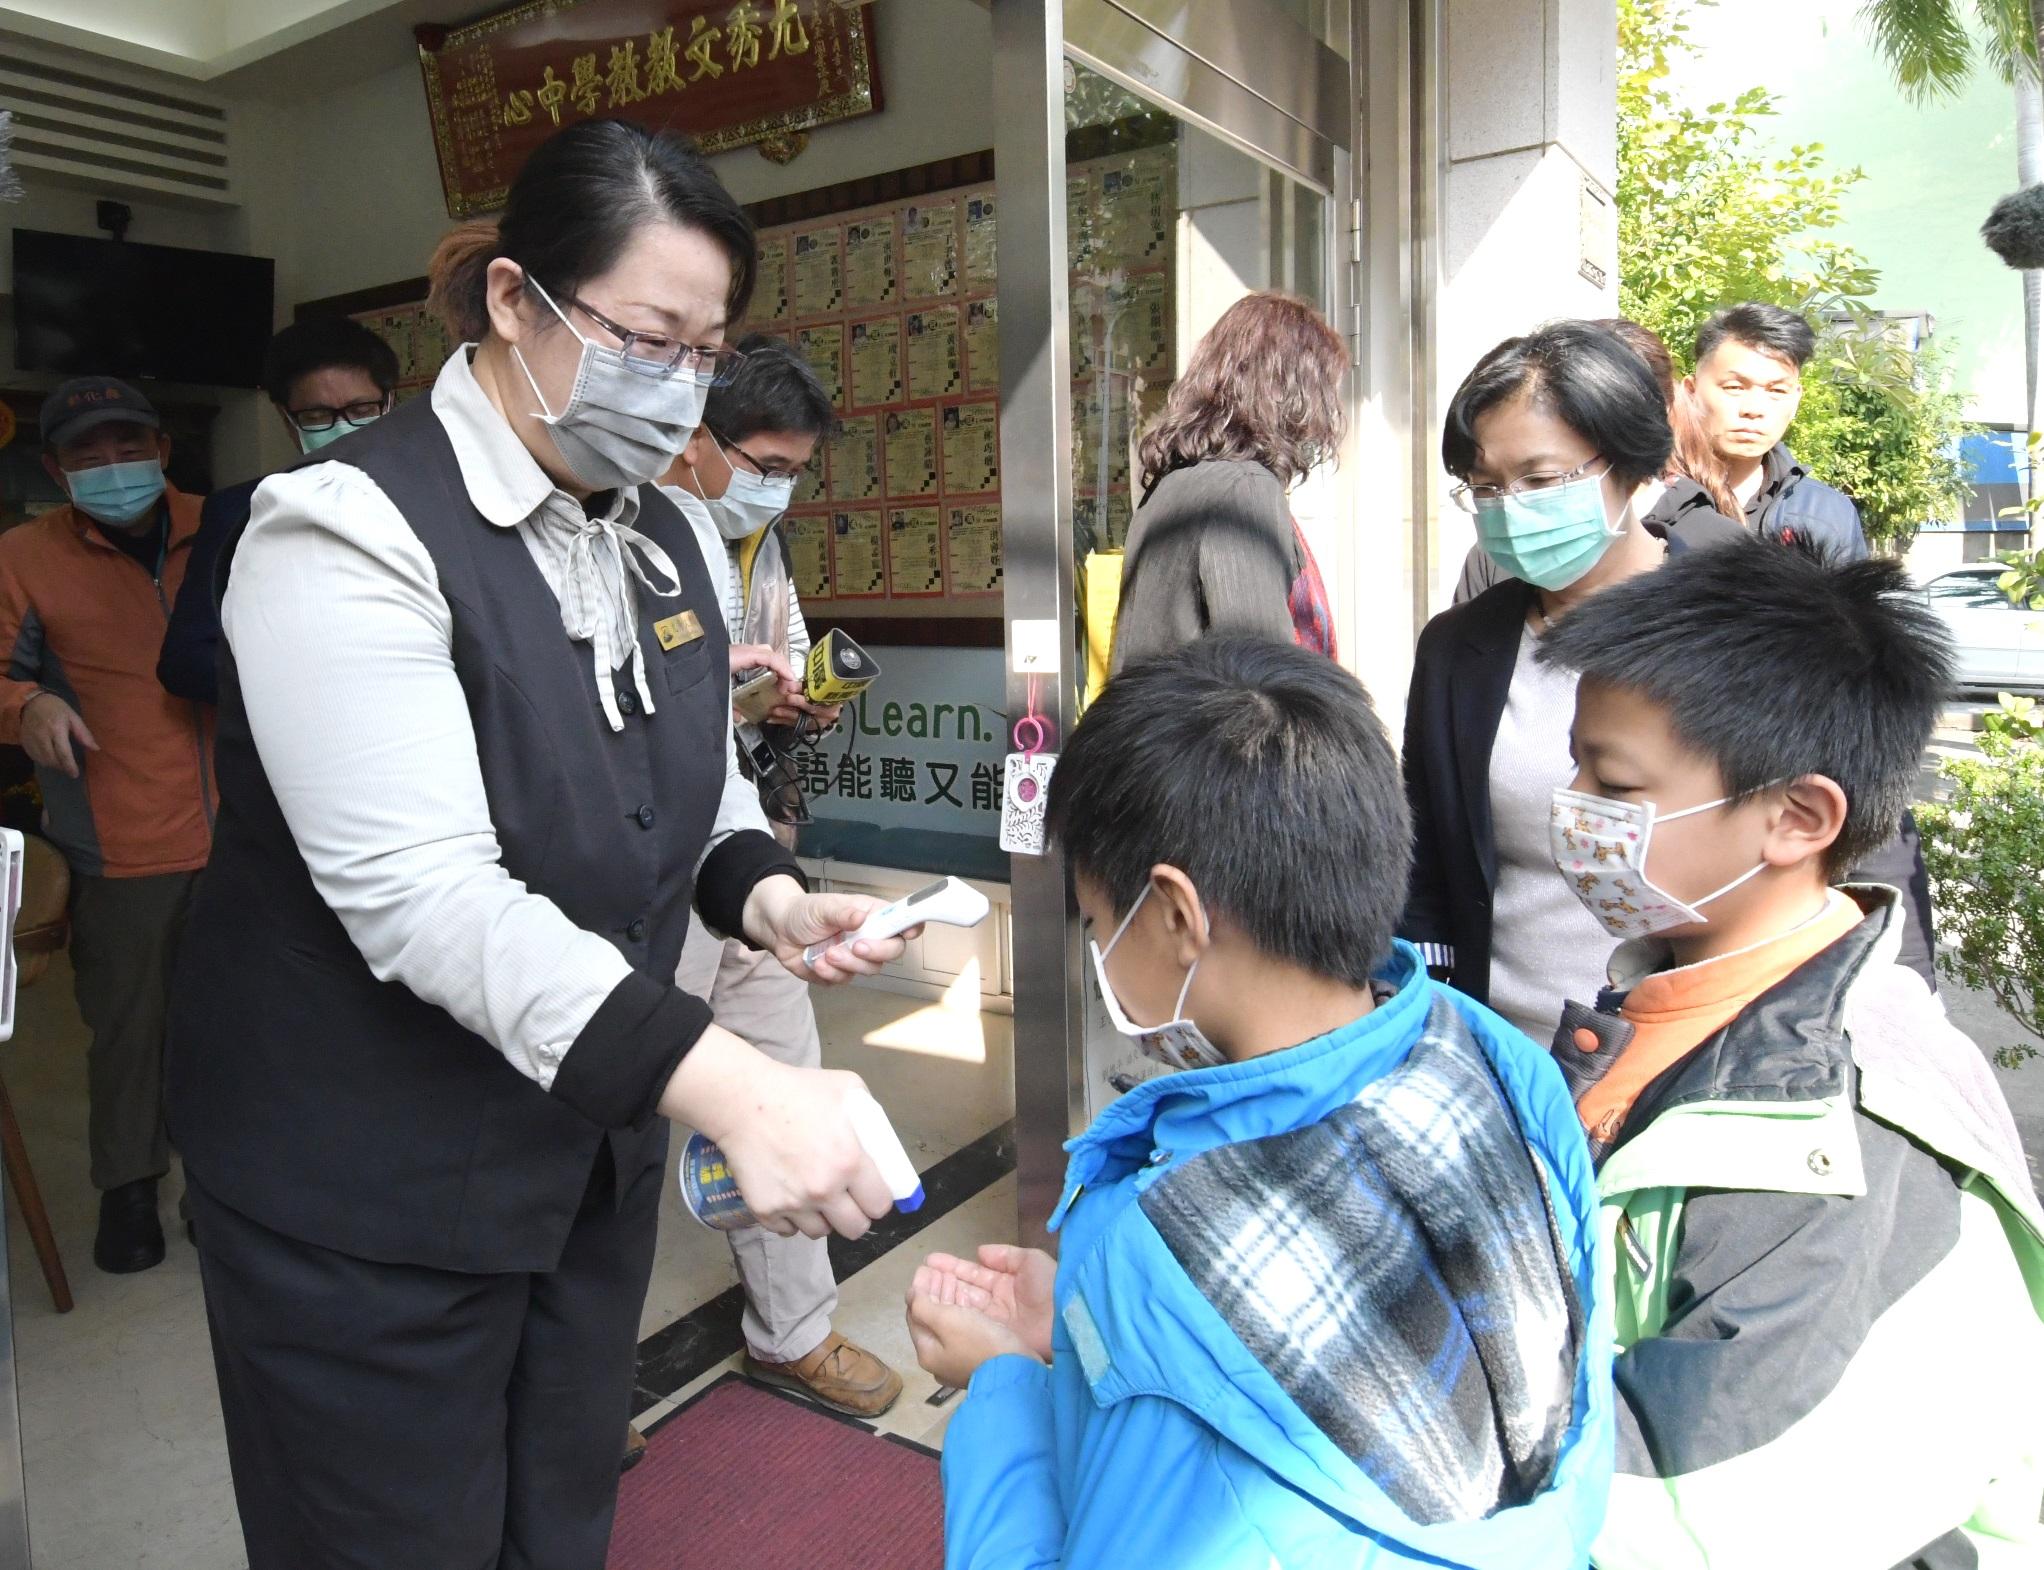 加強把關 守護學童健康 彰化縣長王惠美巡視補習班防疫執行情形